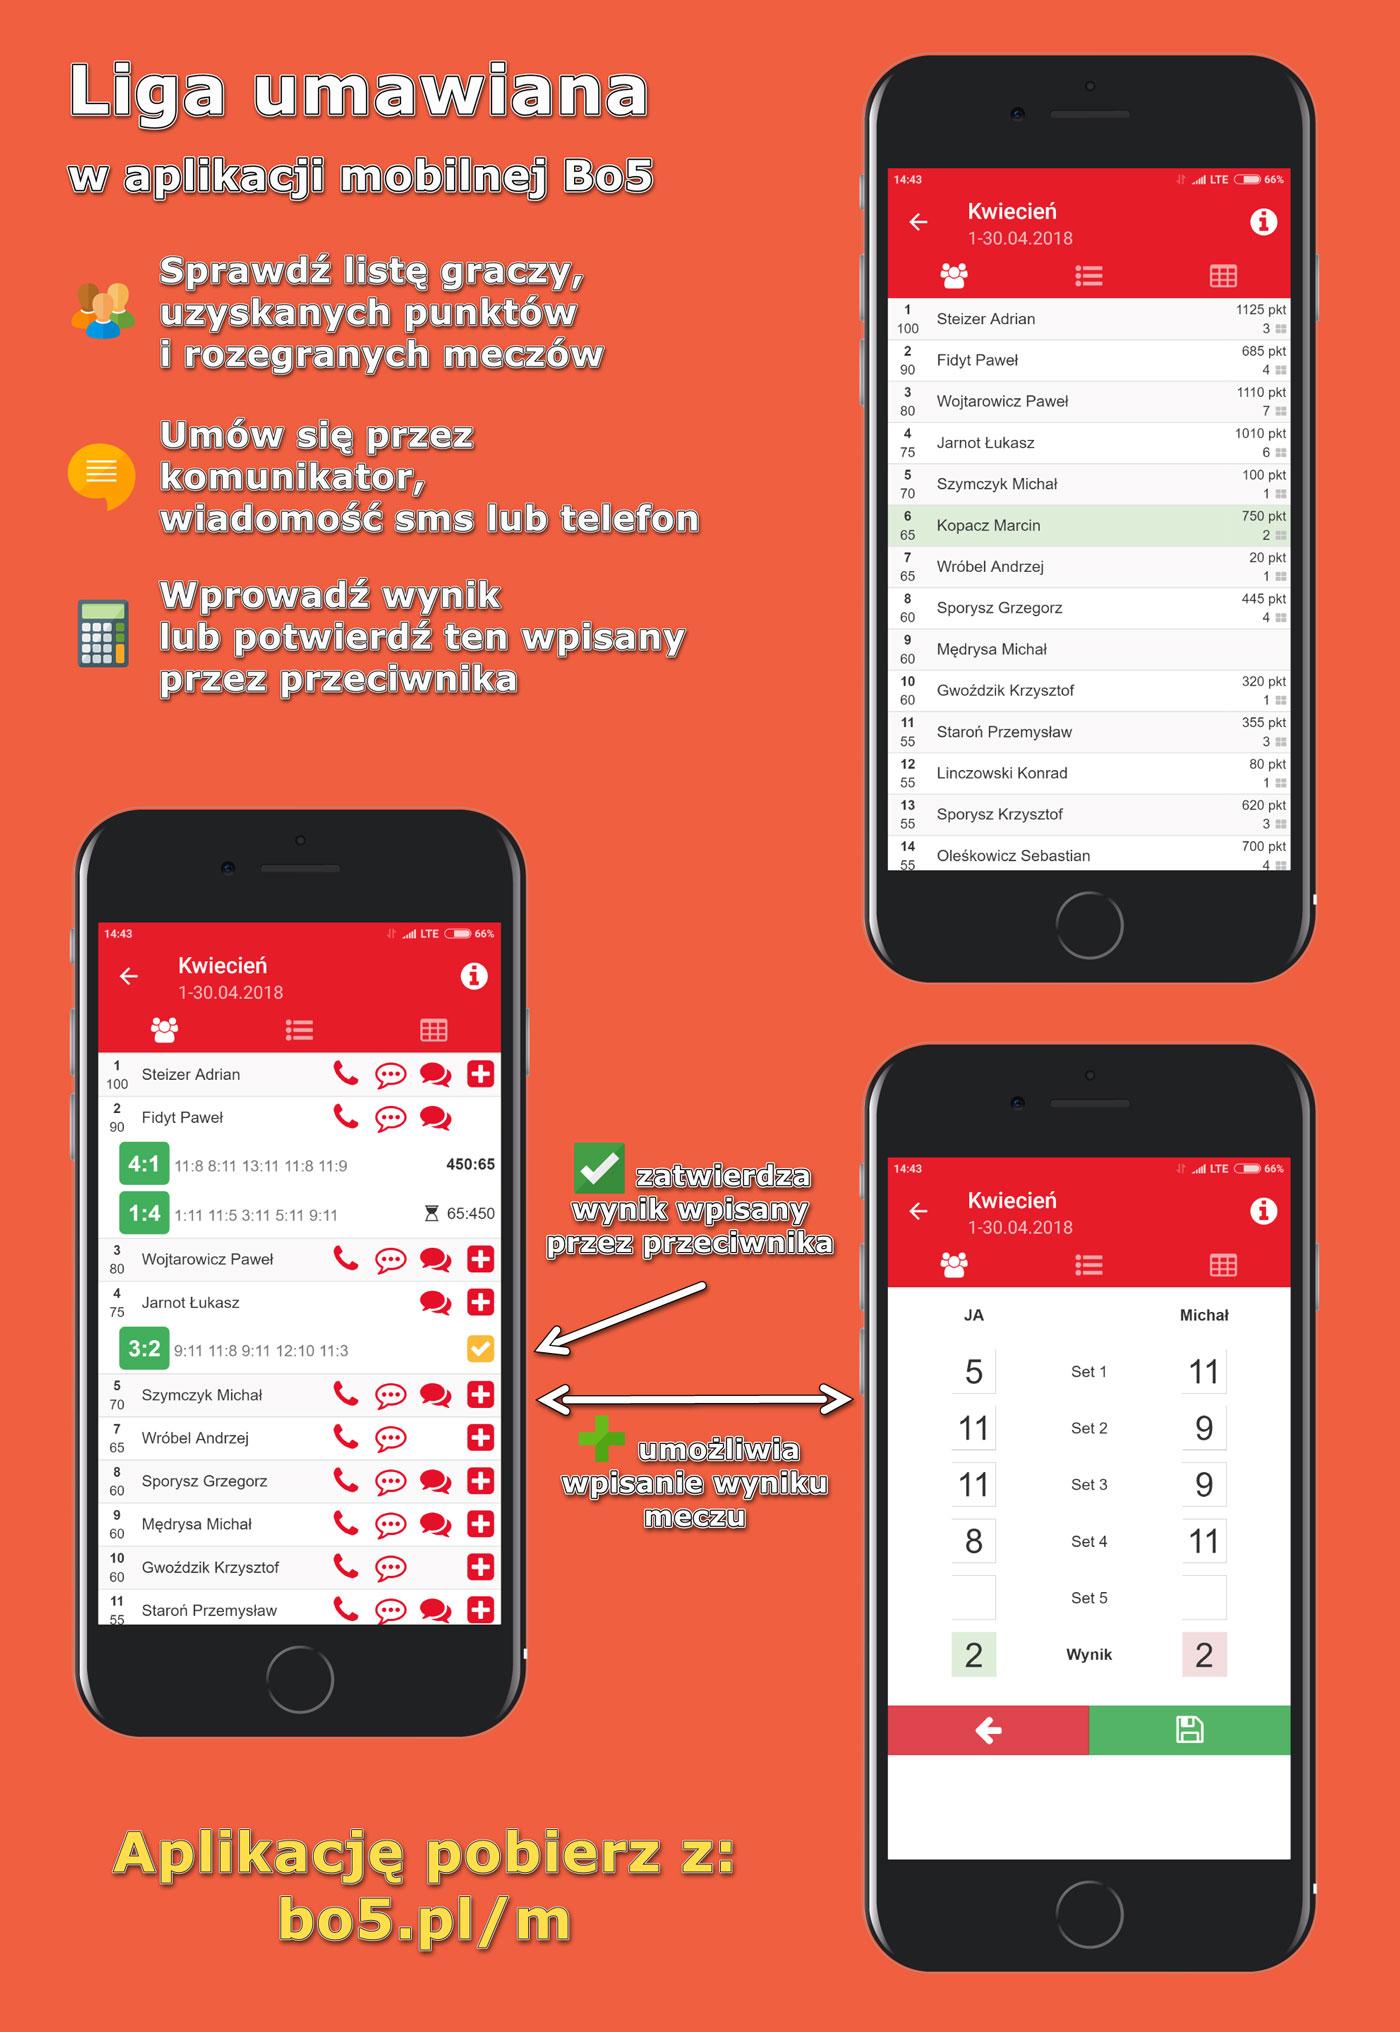 Liga umawiana w aplikacji mobilnej